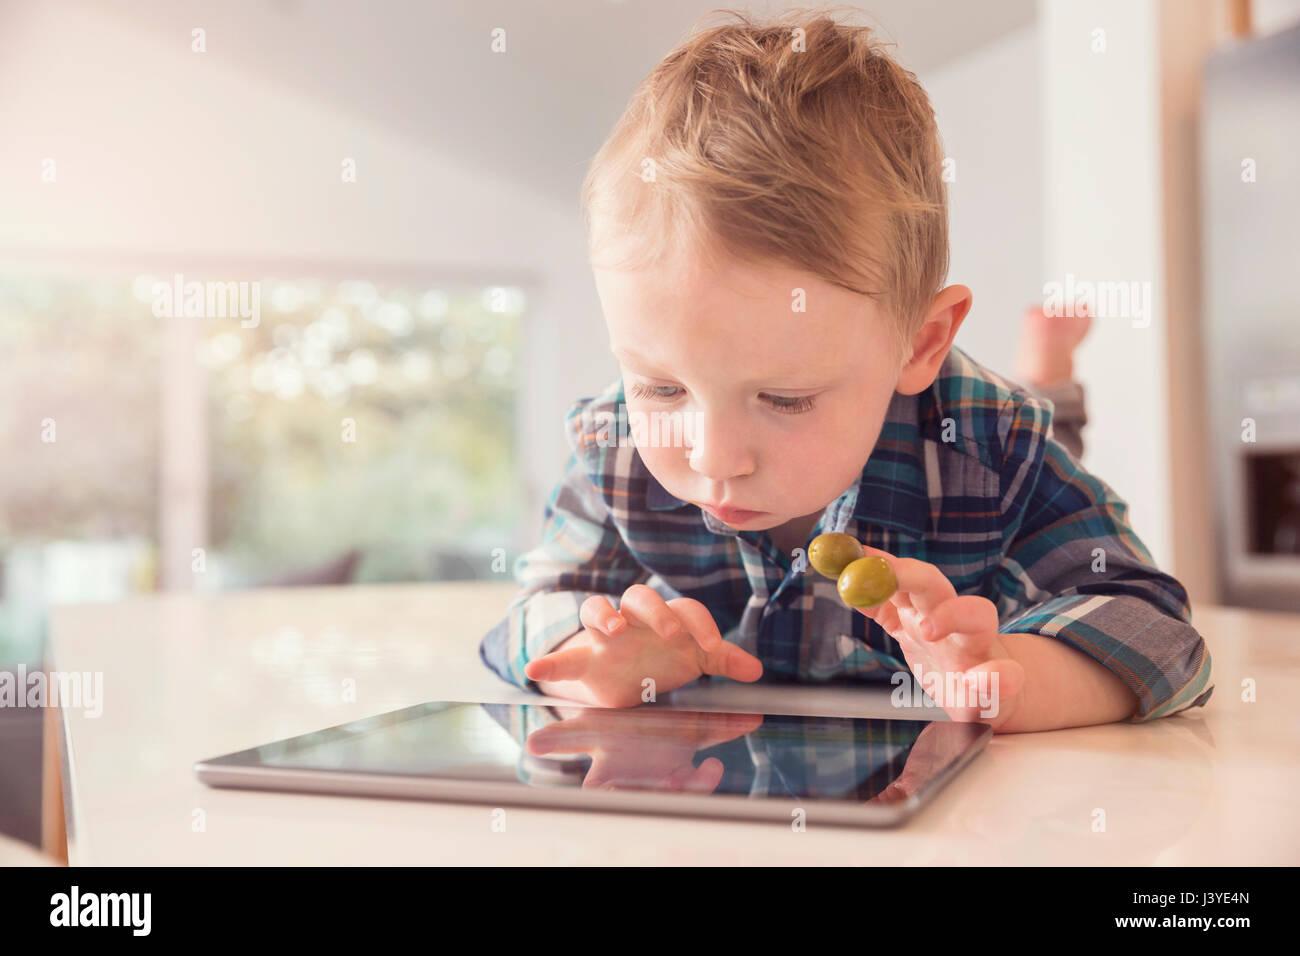 Il toddler boy guardando tablet mangiare olive in cucina a casa Immagini Stock